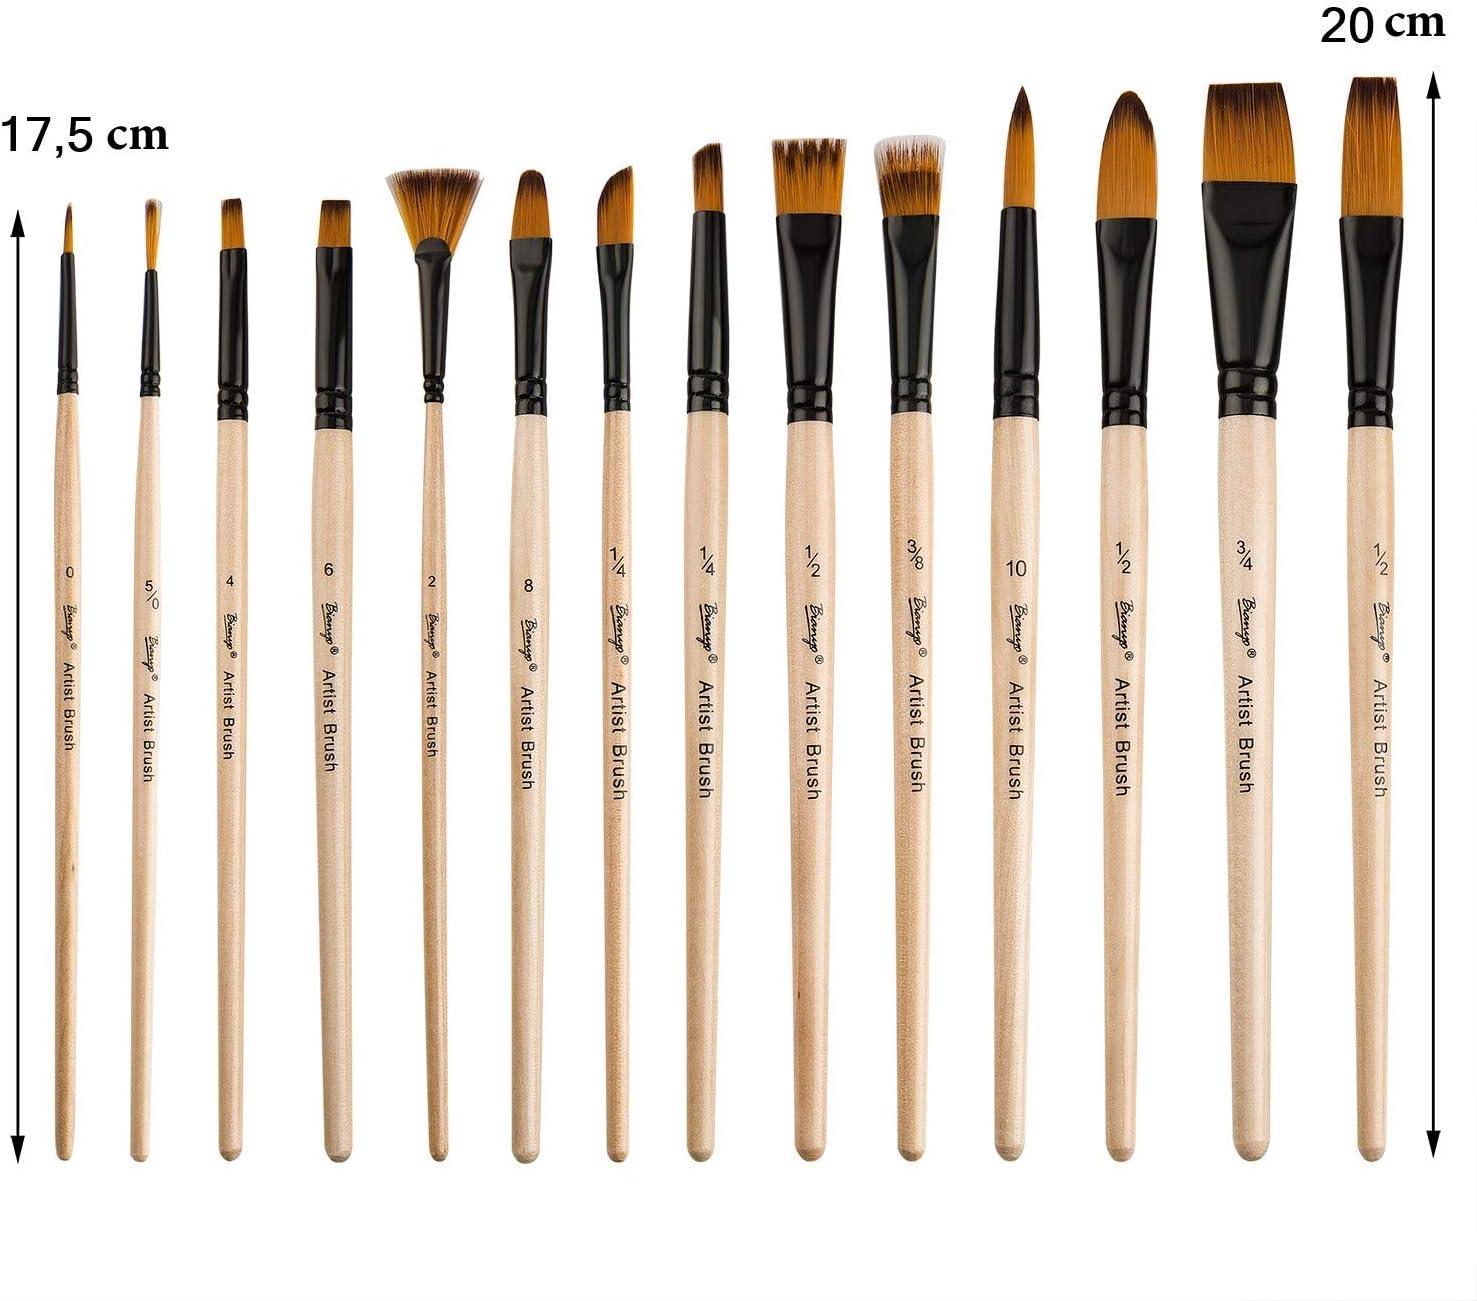 OUTANG pinceaux Peinture Acrylique Pinceau aquarelles Visage pinceaux Petite Peinture brosses Pinceau Peinture brosses de d/écoration Acrylique pinceaux